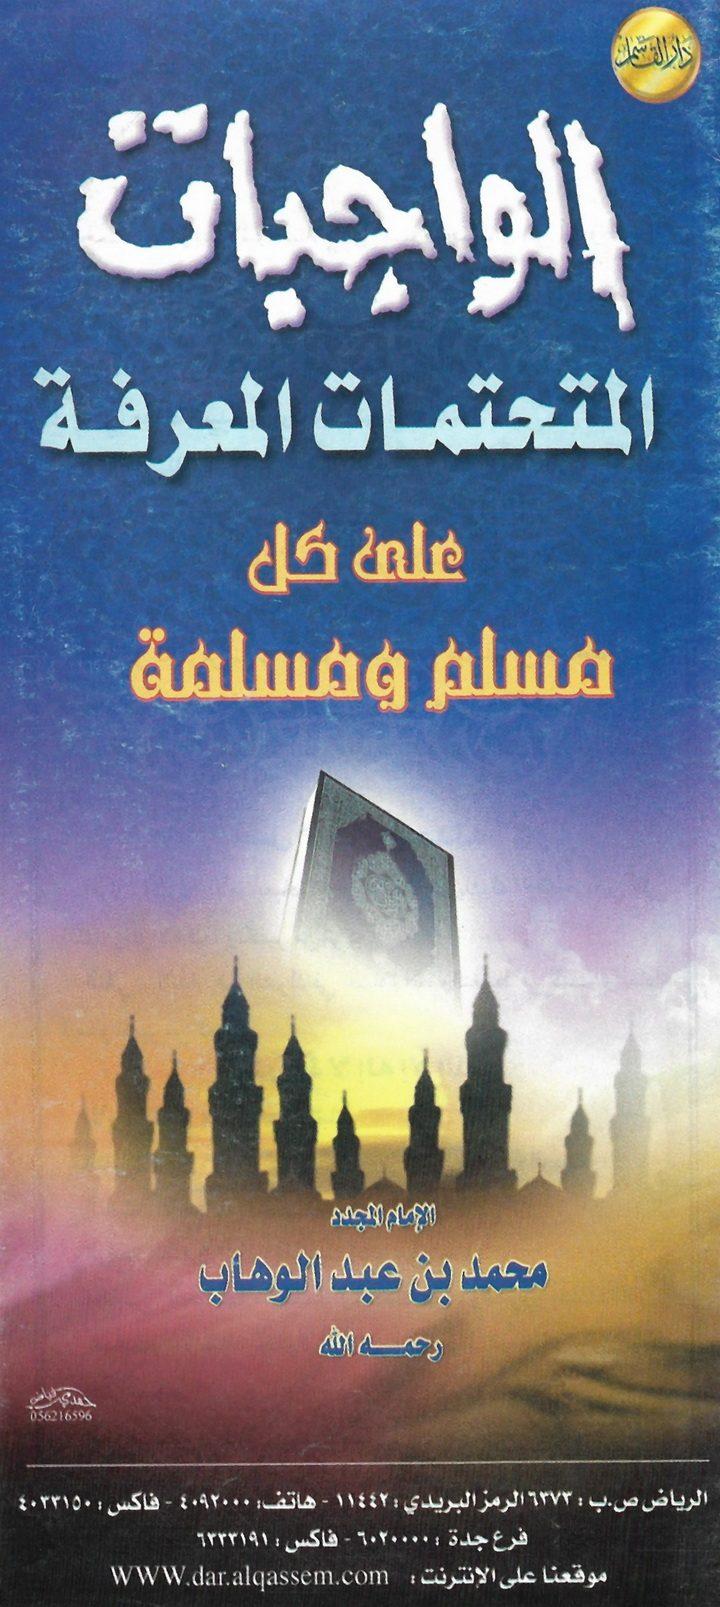 الواجبات المتحتمات المعرفة على كل مسلم ومسلمة (محمد بن عبد الوهاب – دار القاسم)